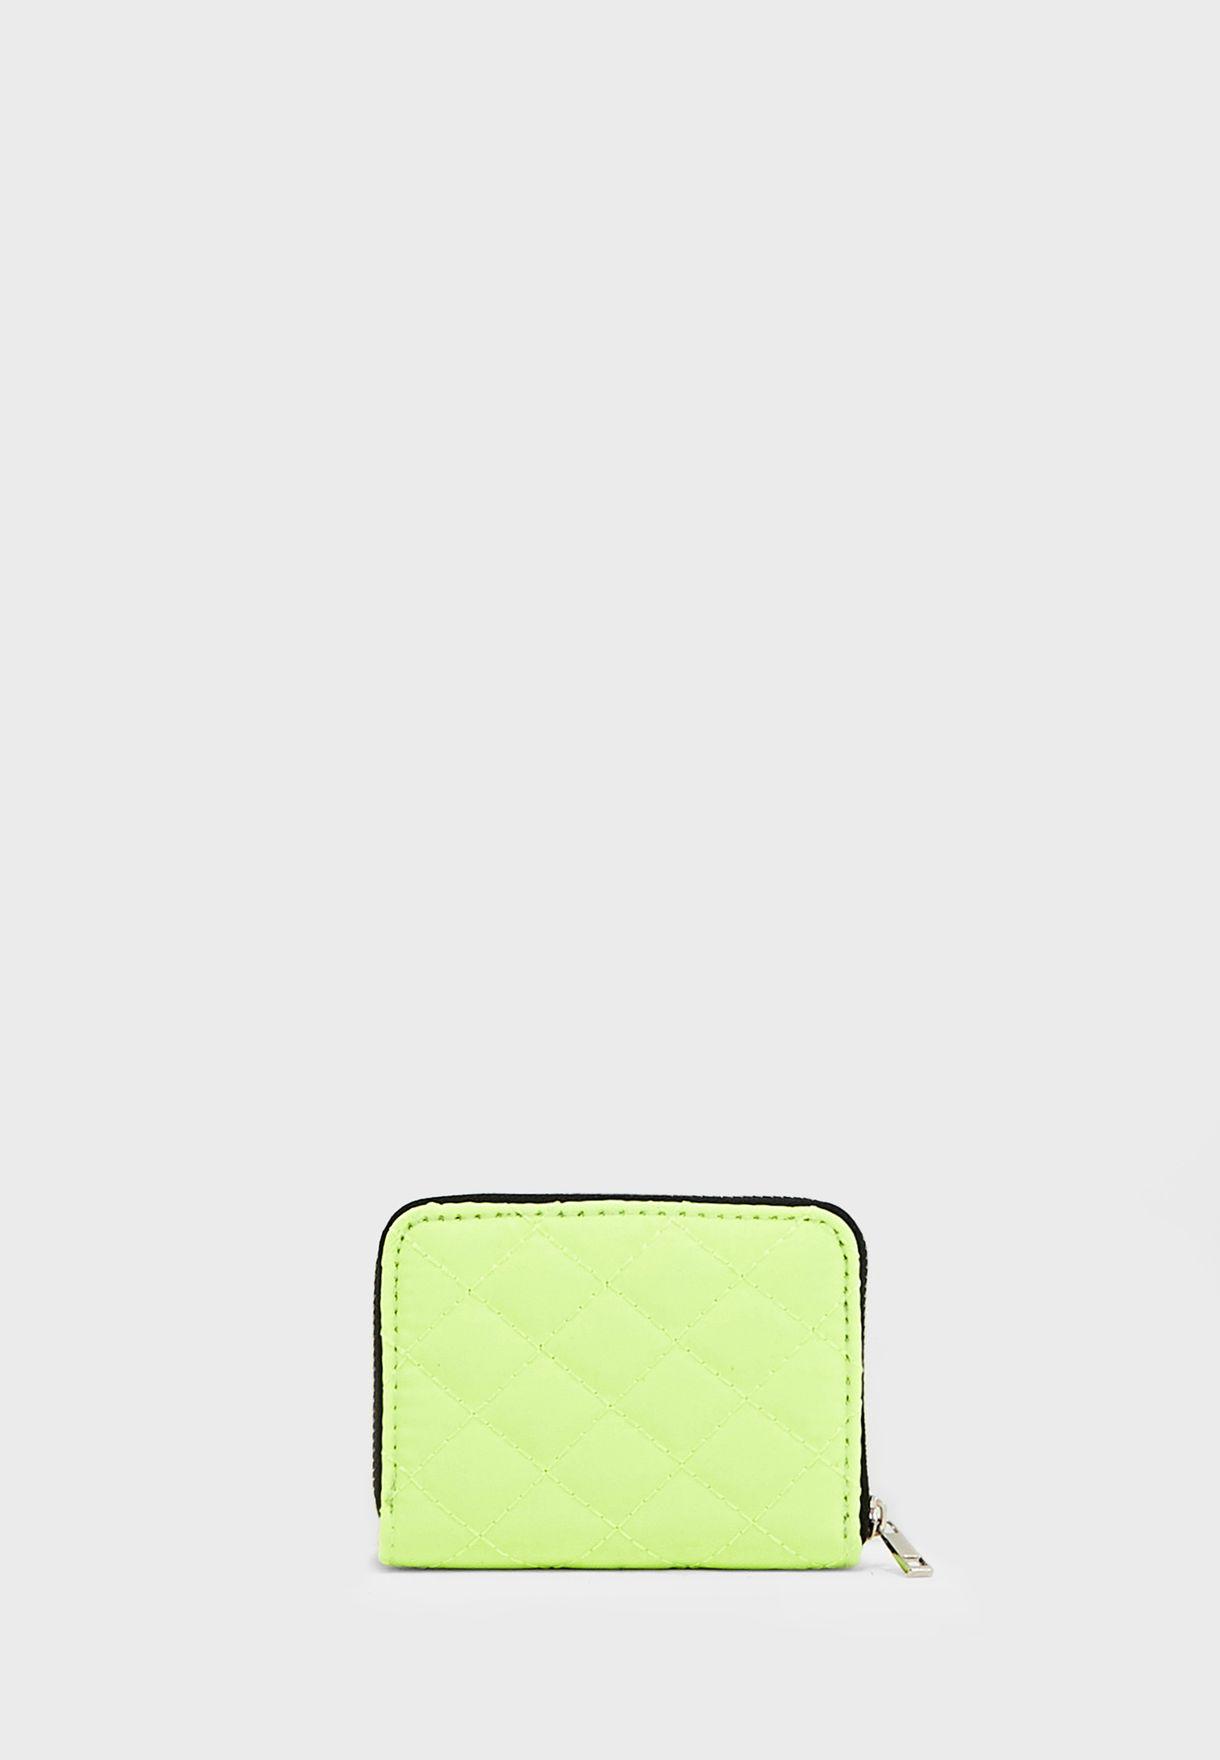 محفظة بطاقات مزينة بالدرزات